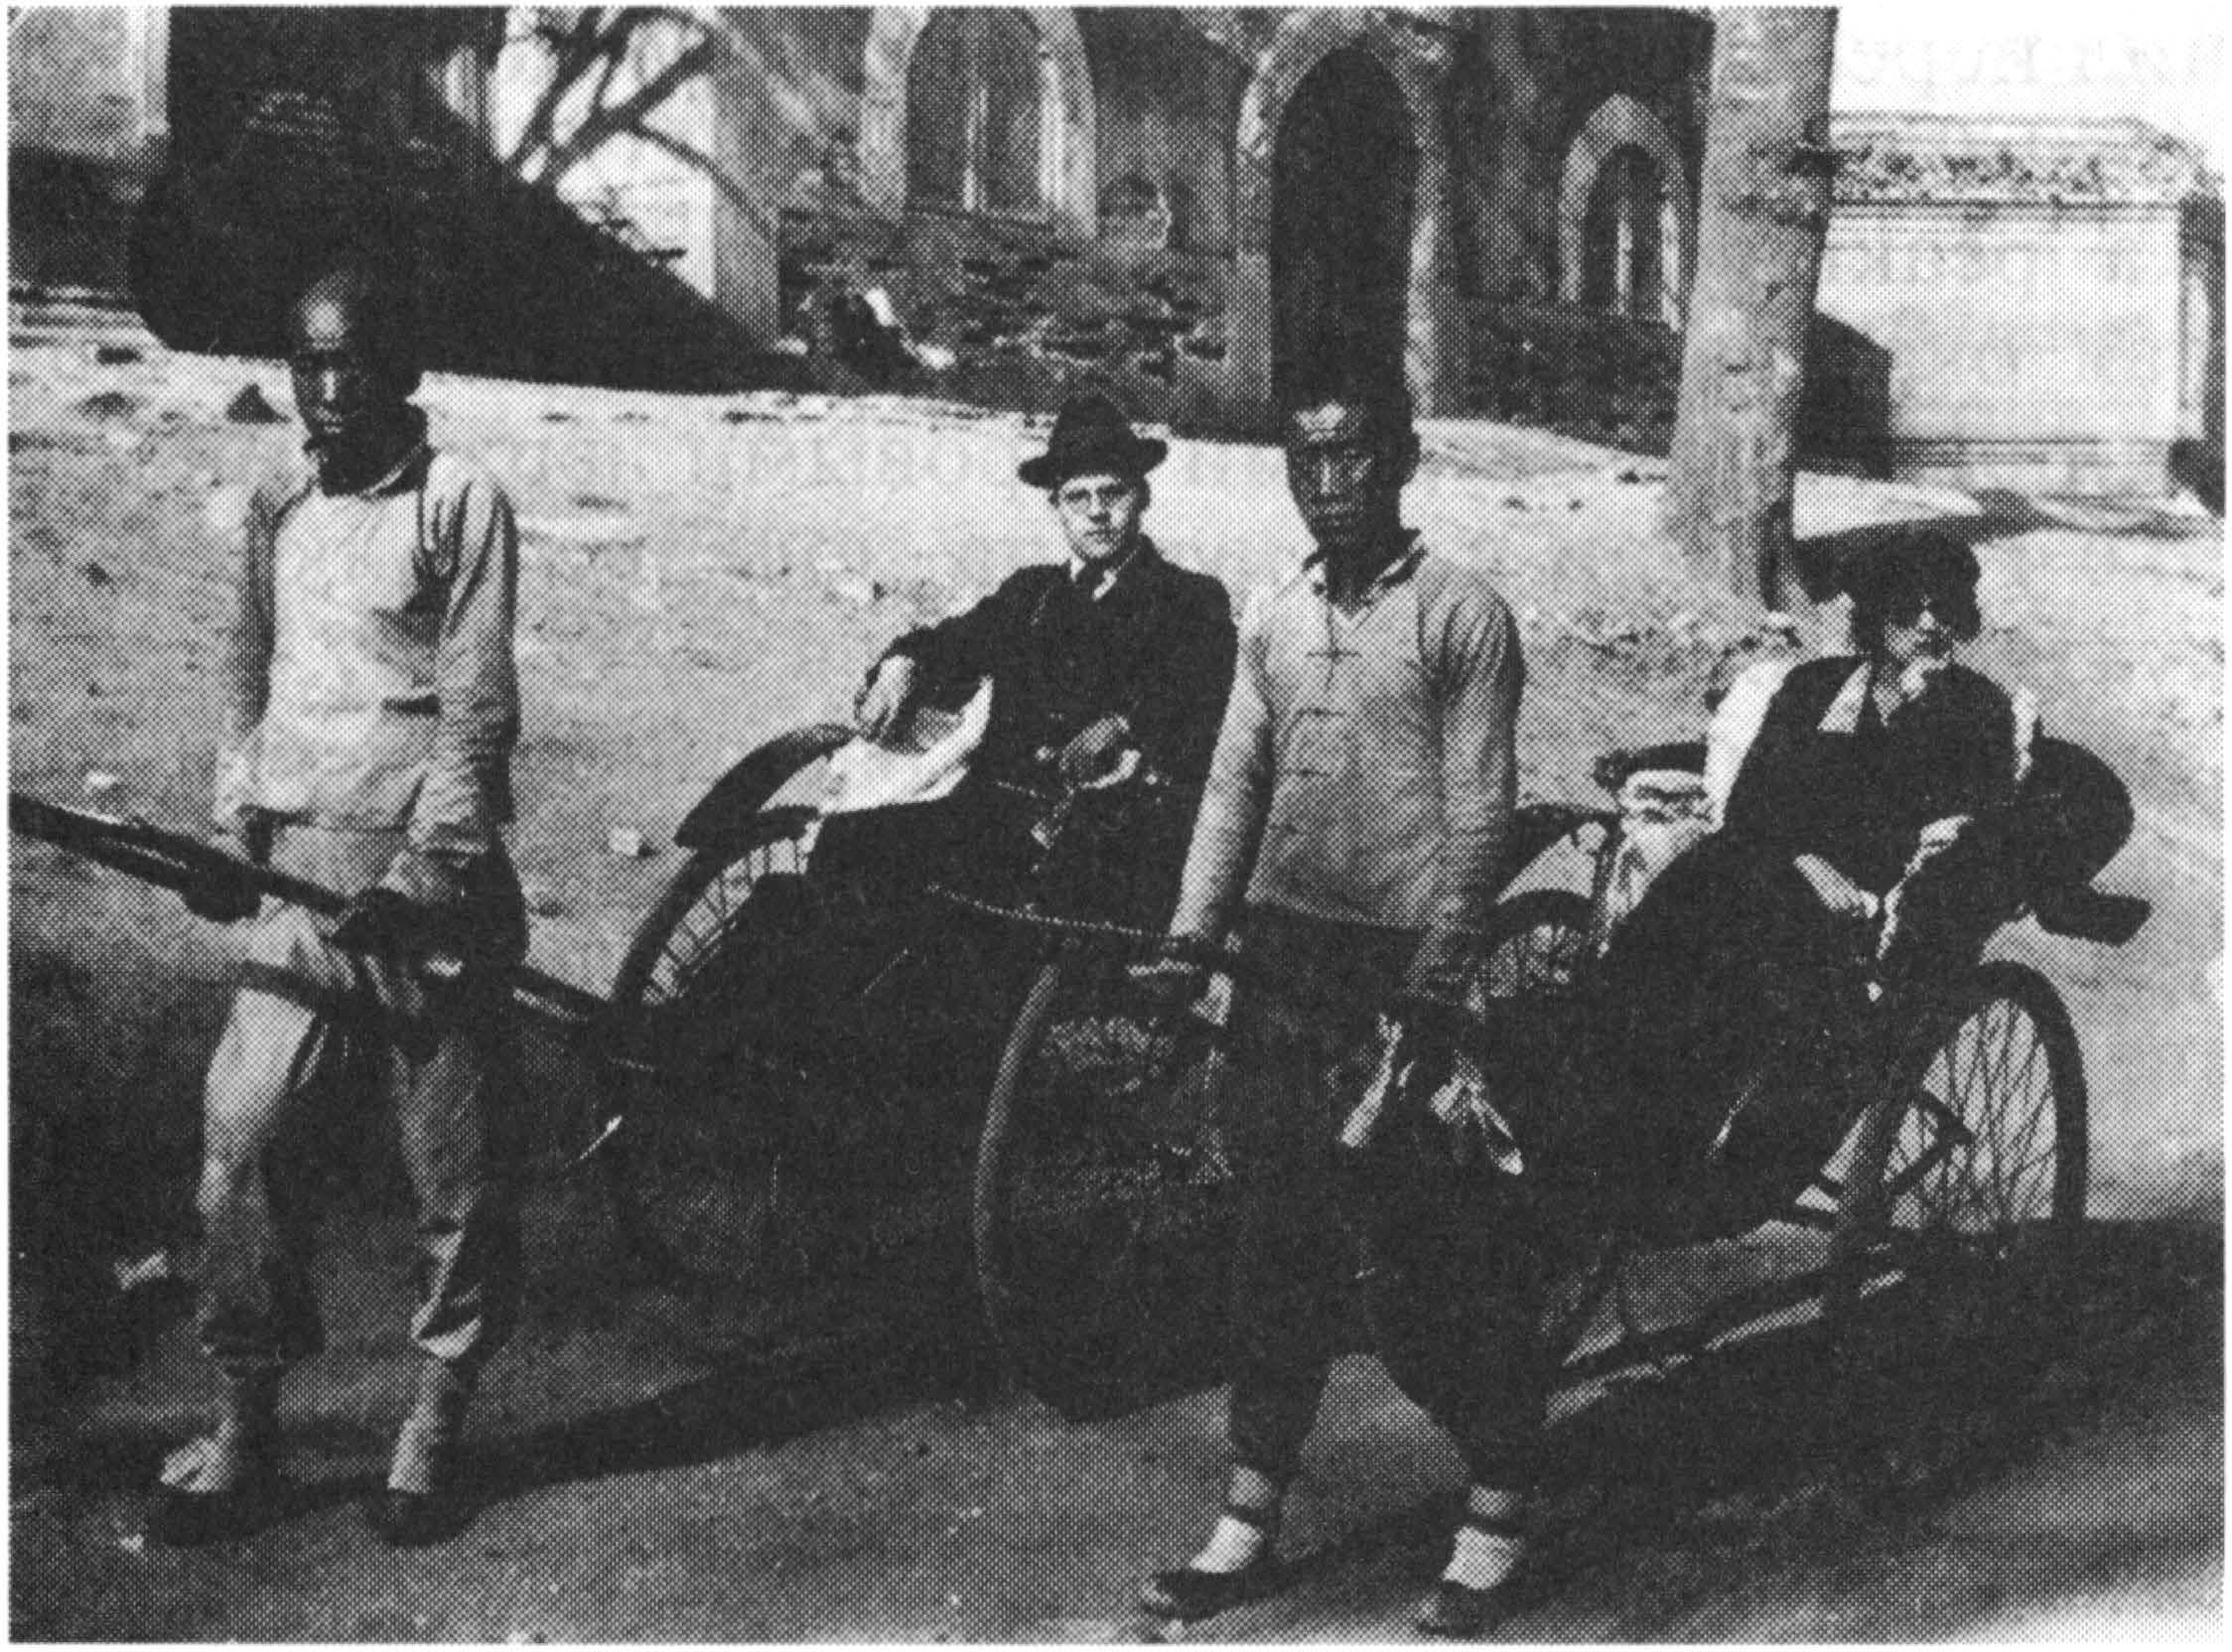 Революция в Китае в начале xx века Агрессия Японии в Китае  Рикши перевозящие европейских пассажиров Китай 1930 г